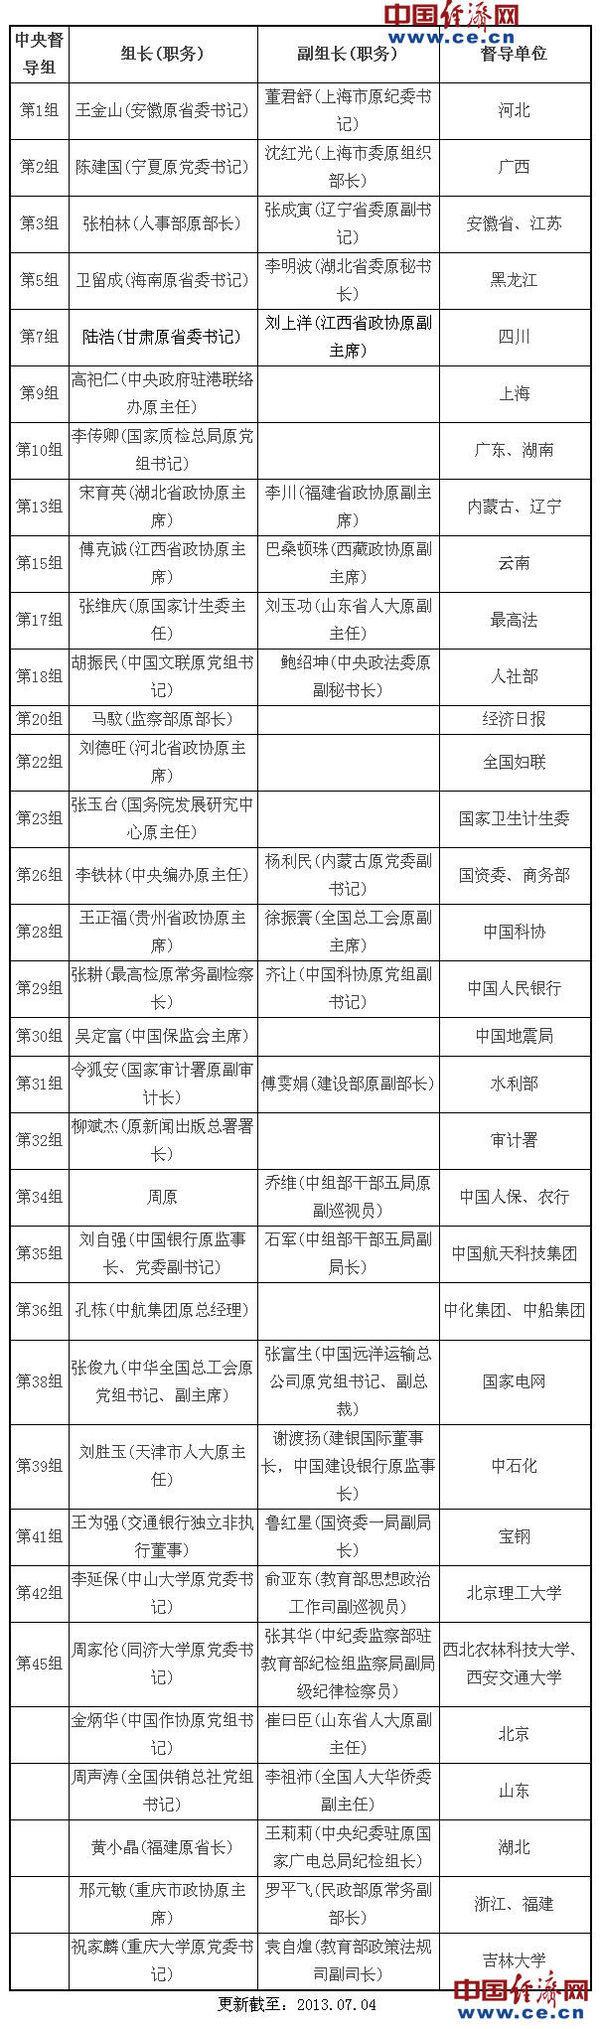 群众路线教育中央45个督导组负责人名单、职务一览 - 江湖如烟 - 江湖独行侠